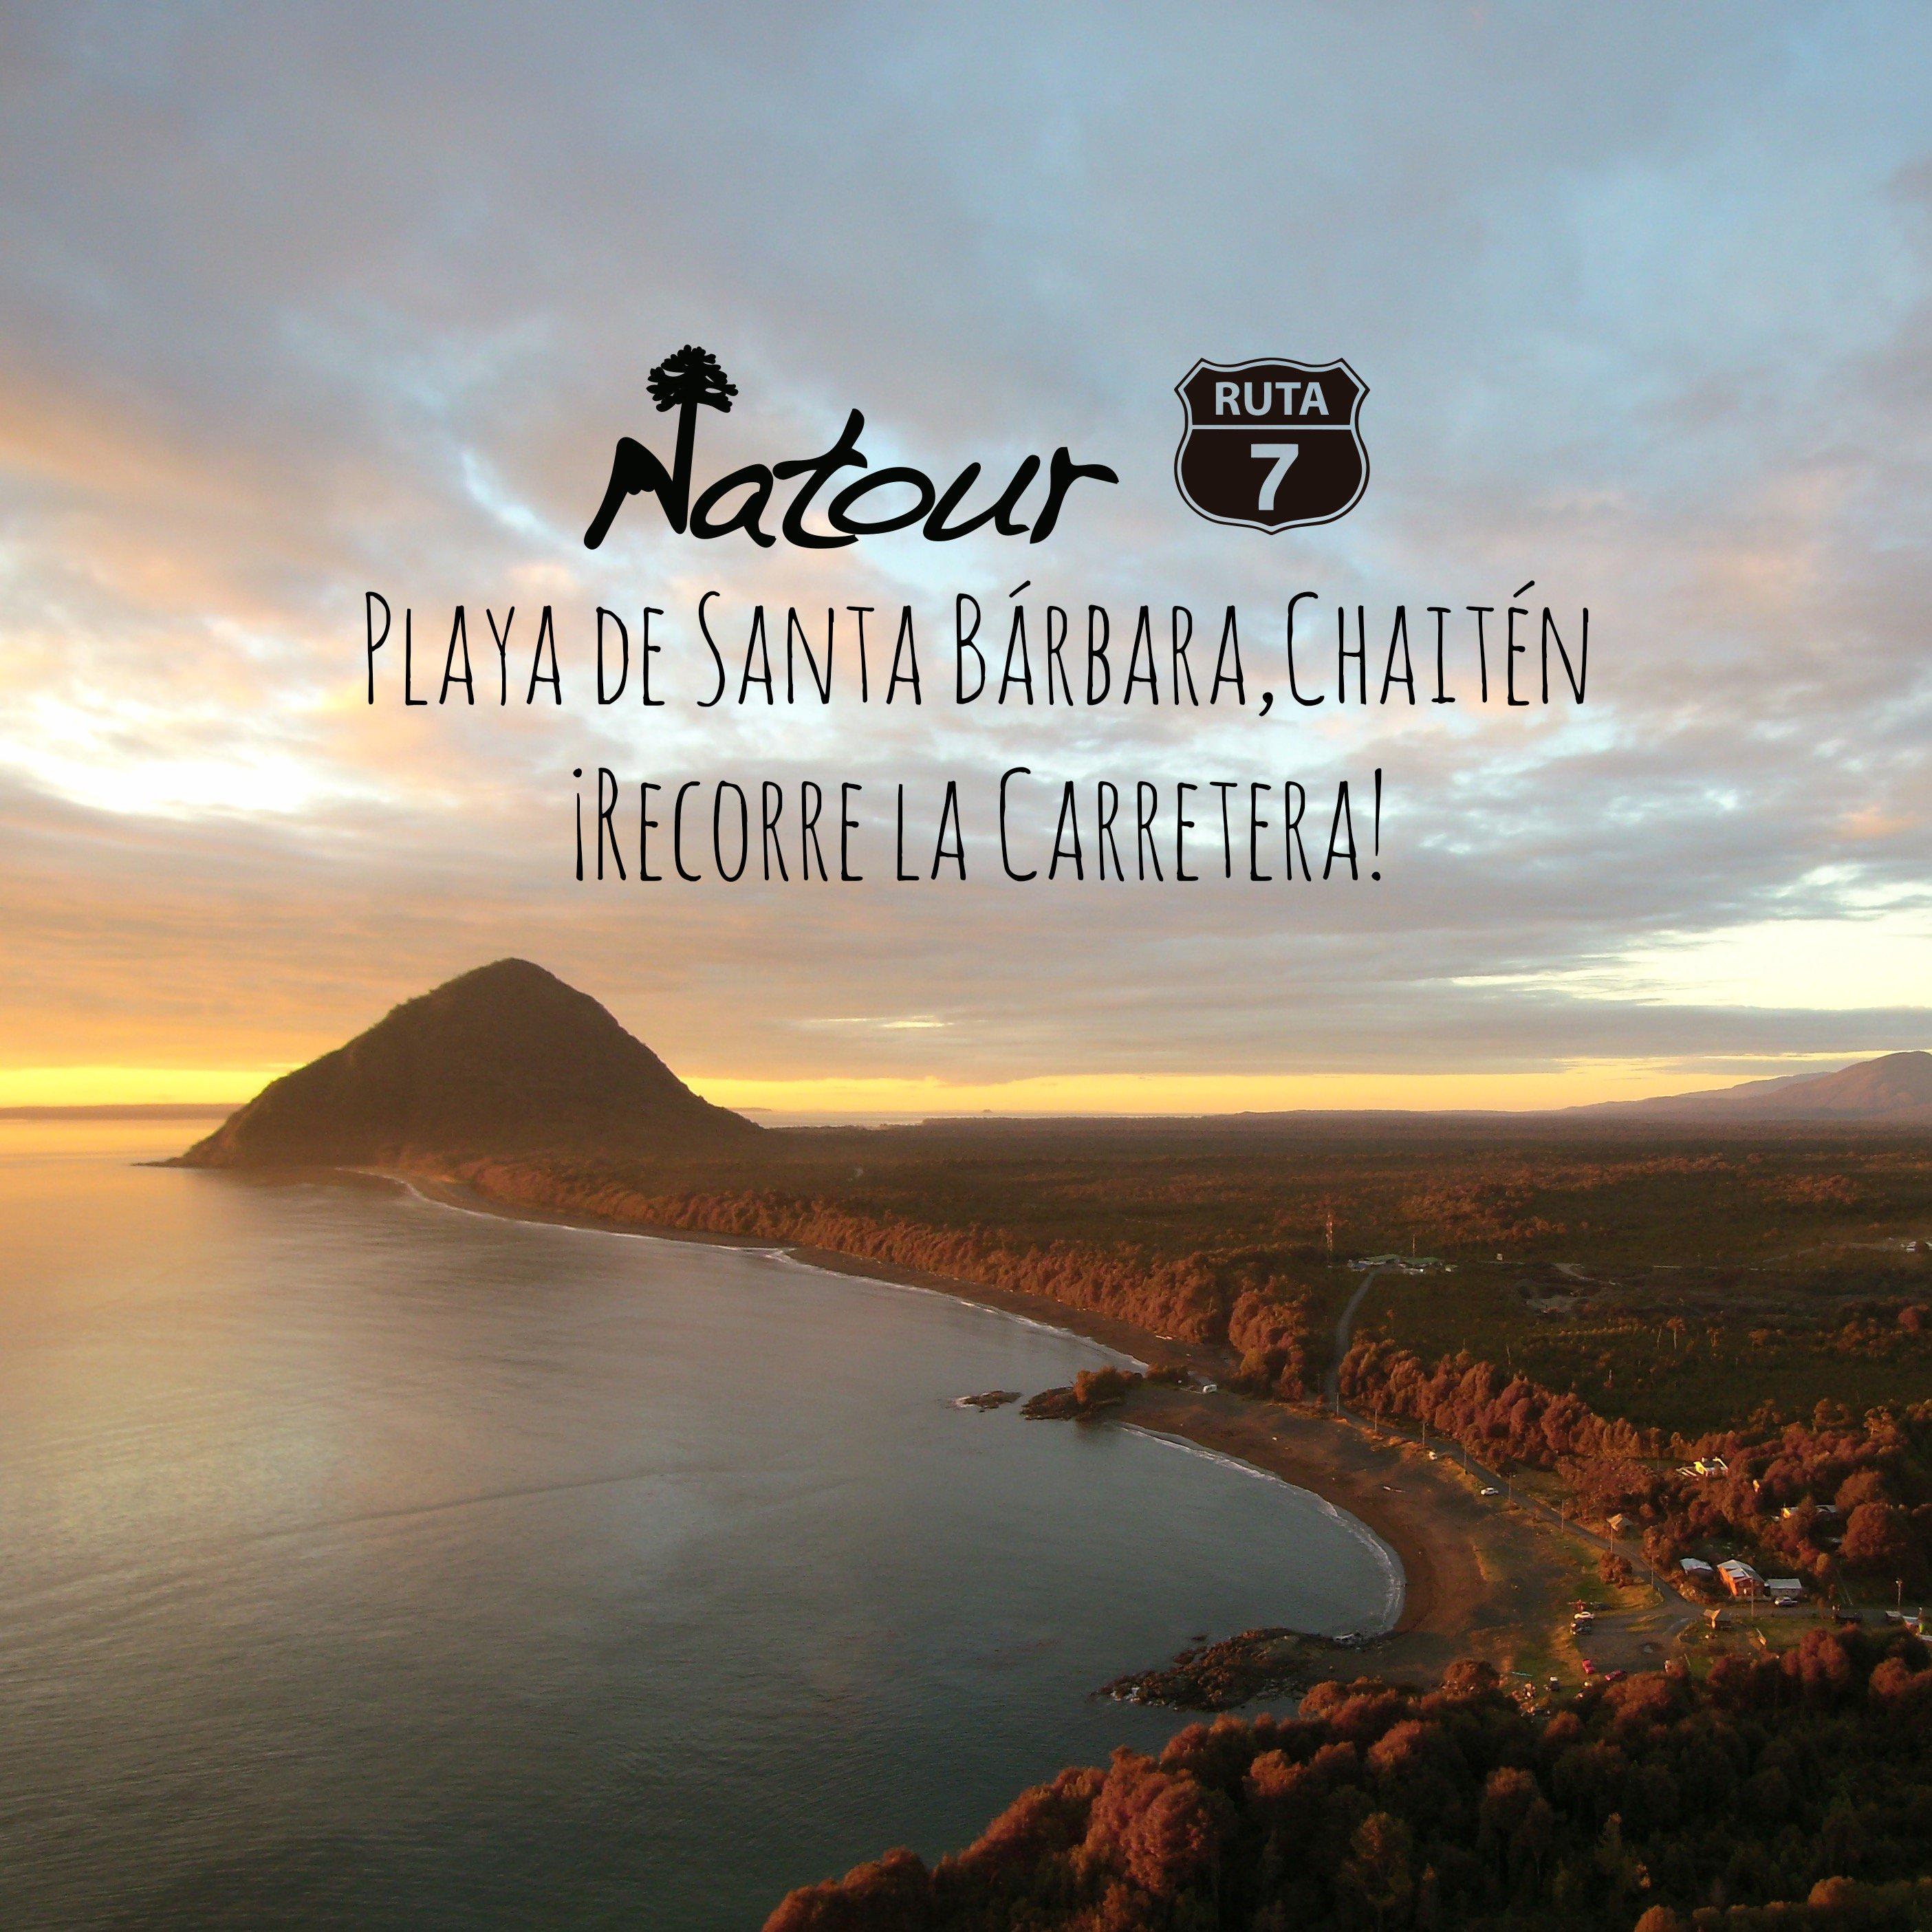 Natour Chile